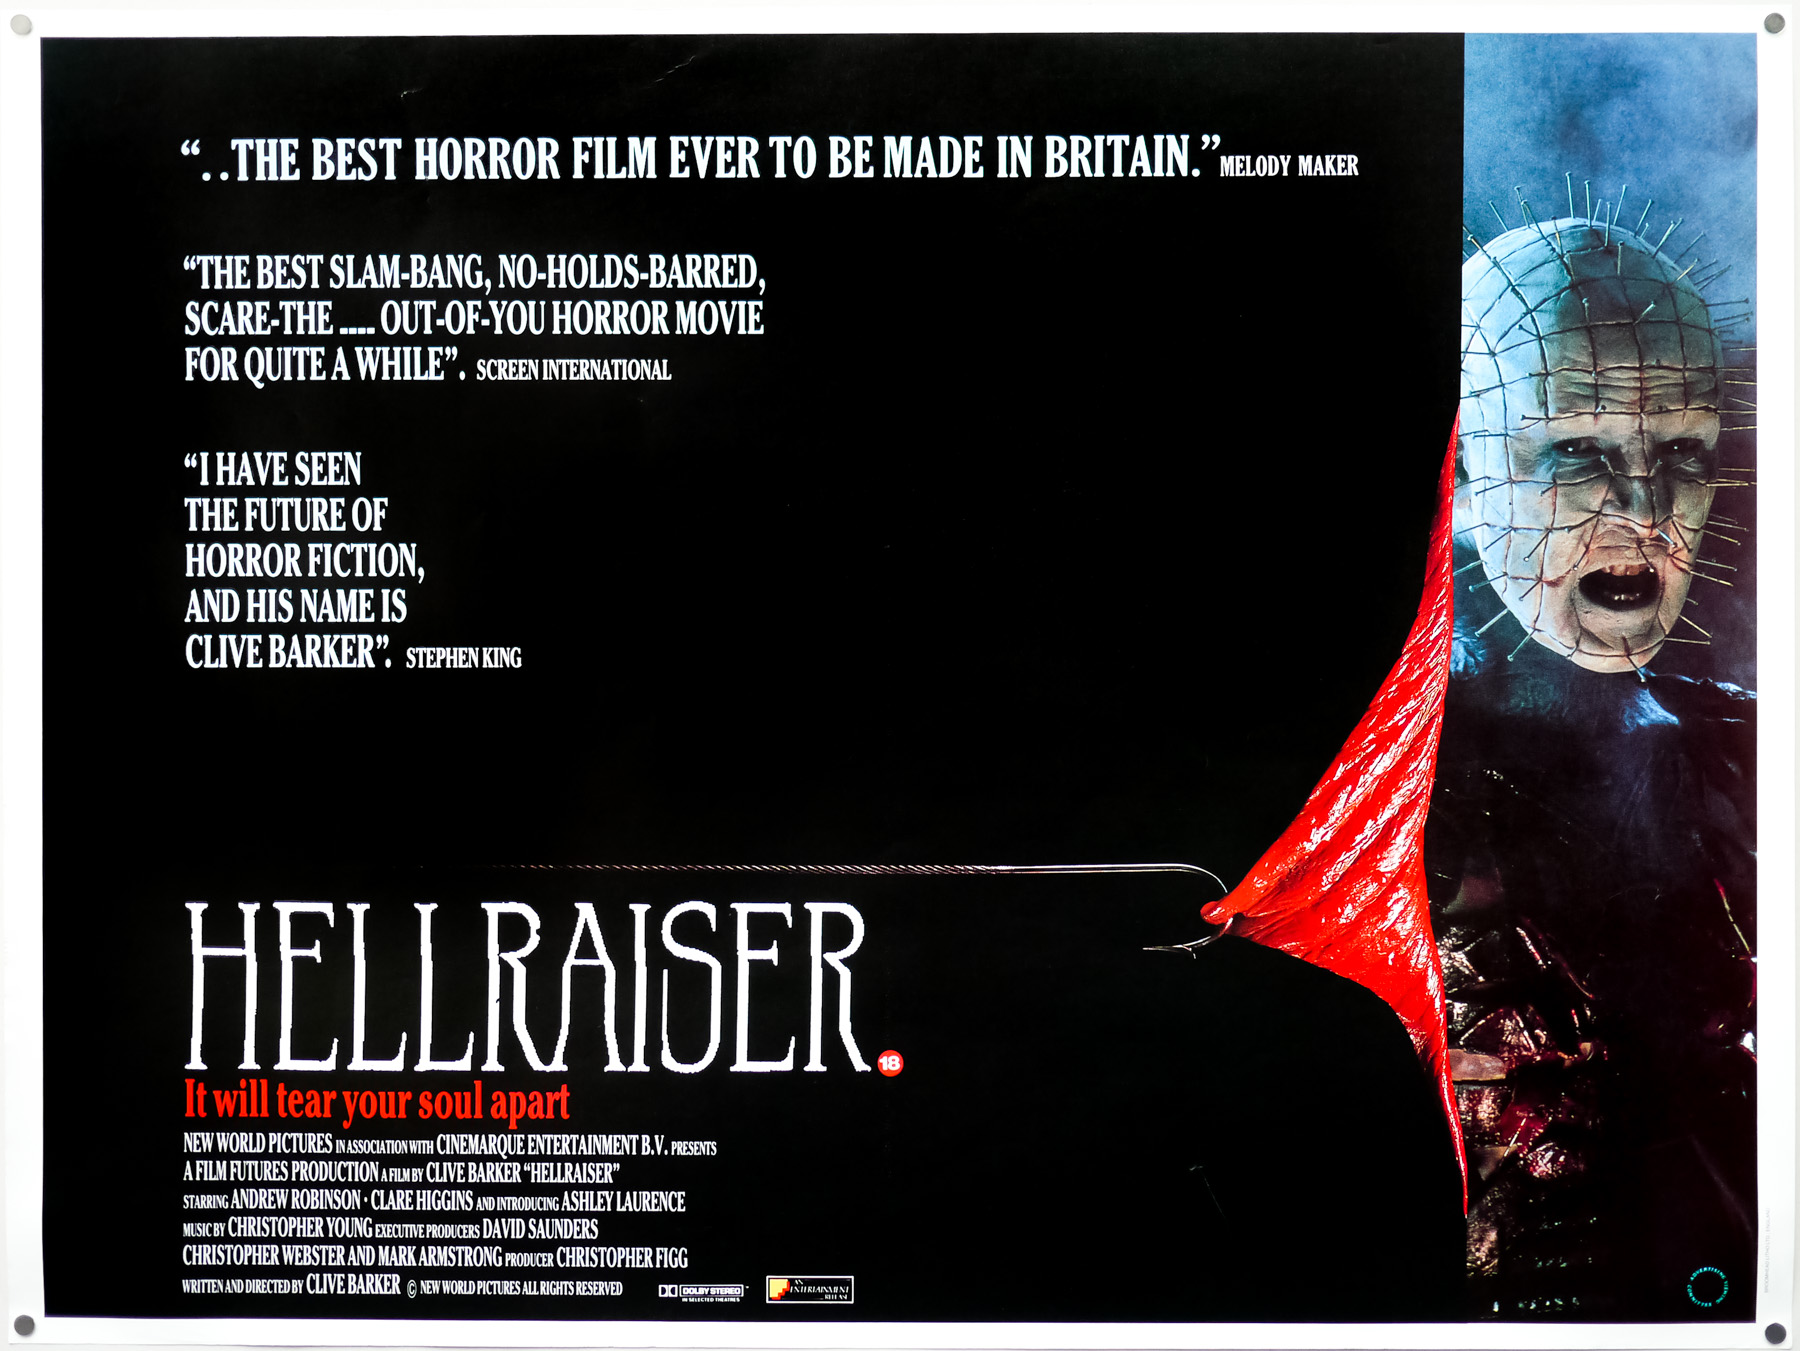 Hellraiser (1987) banner image